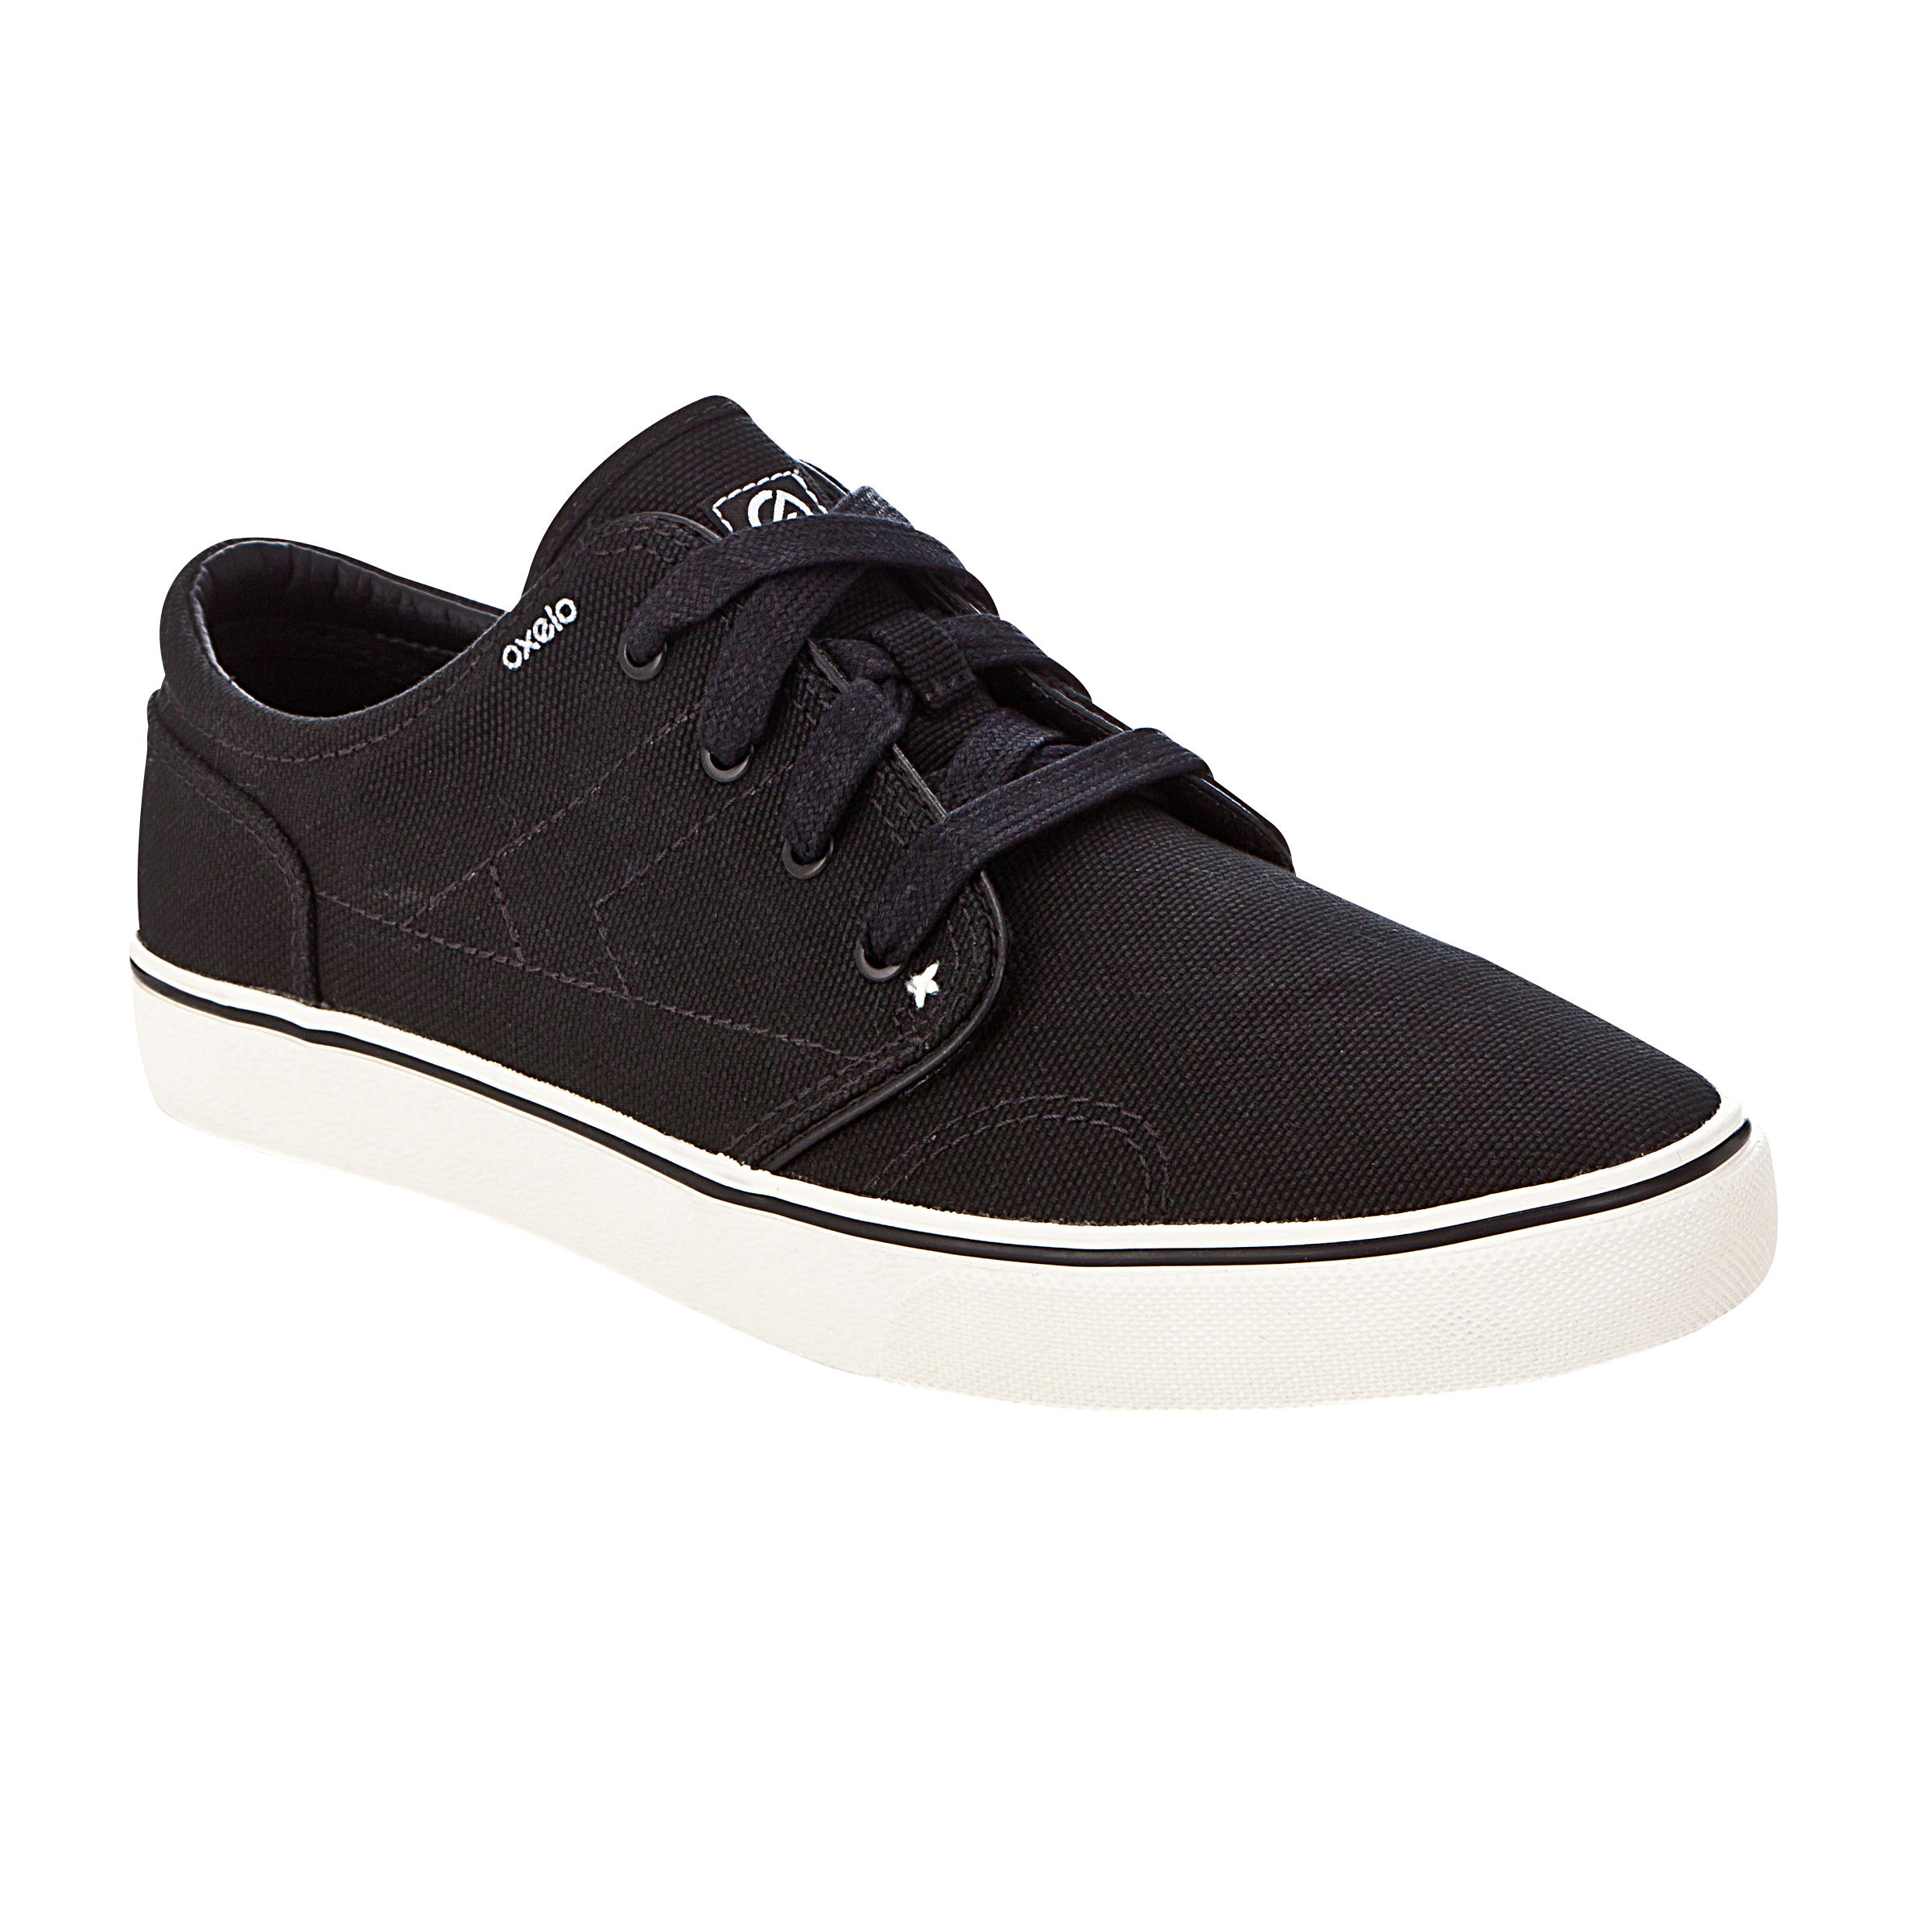 Chaussures basses planche à roulette - longue - VULCA CANVAS L noires